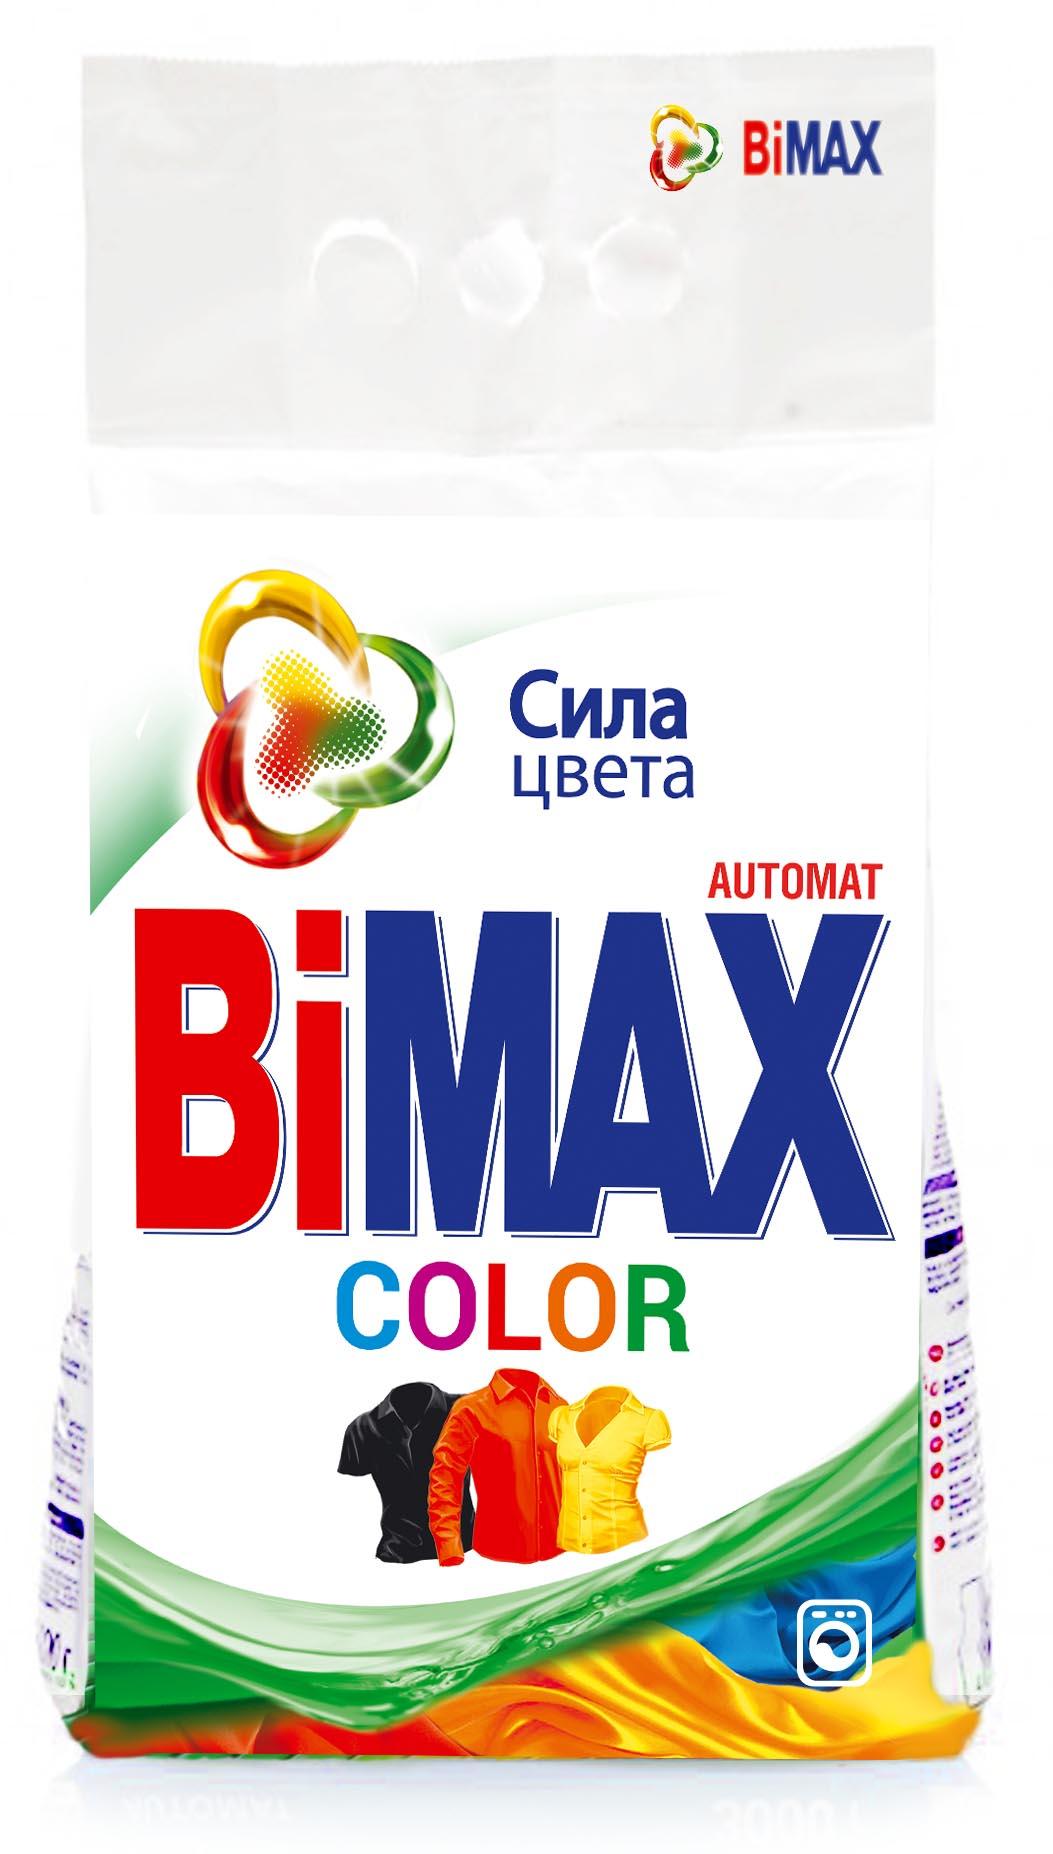 Стиральный порошок BiMax Color, 6 кг91284Стиральный порошок BiMax Color предназначен для замачивания и стирки изделий из цветных хлопчатобумажных, льняных, синтетических тканей, а также тканей из смешанных волокон. Не предназначен для стирки изделий из шерсти и натурального шелка. Порошок имеет пониженное пенообразование, содержит биодобавки и перекисные соли. BiMax сохраняет цвета ваших любимых вещей даже после многократных стирок. Эффективно удаляет загрязнения и трудновыводимые пятна, а также защищает структуру волокон ткани и препятствует появлению катышек. Кроме того, порошок экономит ваши средства: 6 кг BiMax заменяют 9 кг обычного порошка.Подходит для стиральных машин любого типа и ручной стирки. Характеристики: Вес: 6 кг. Артикул: 526-1. Товар сертифицирован.